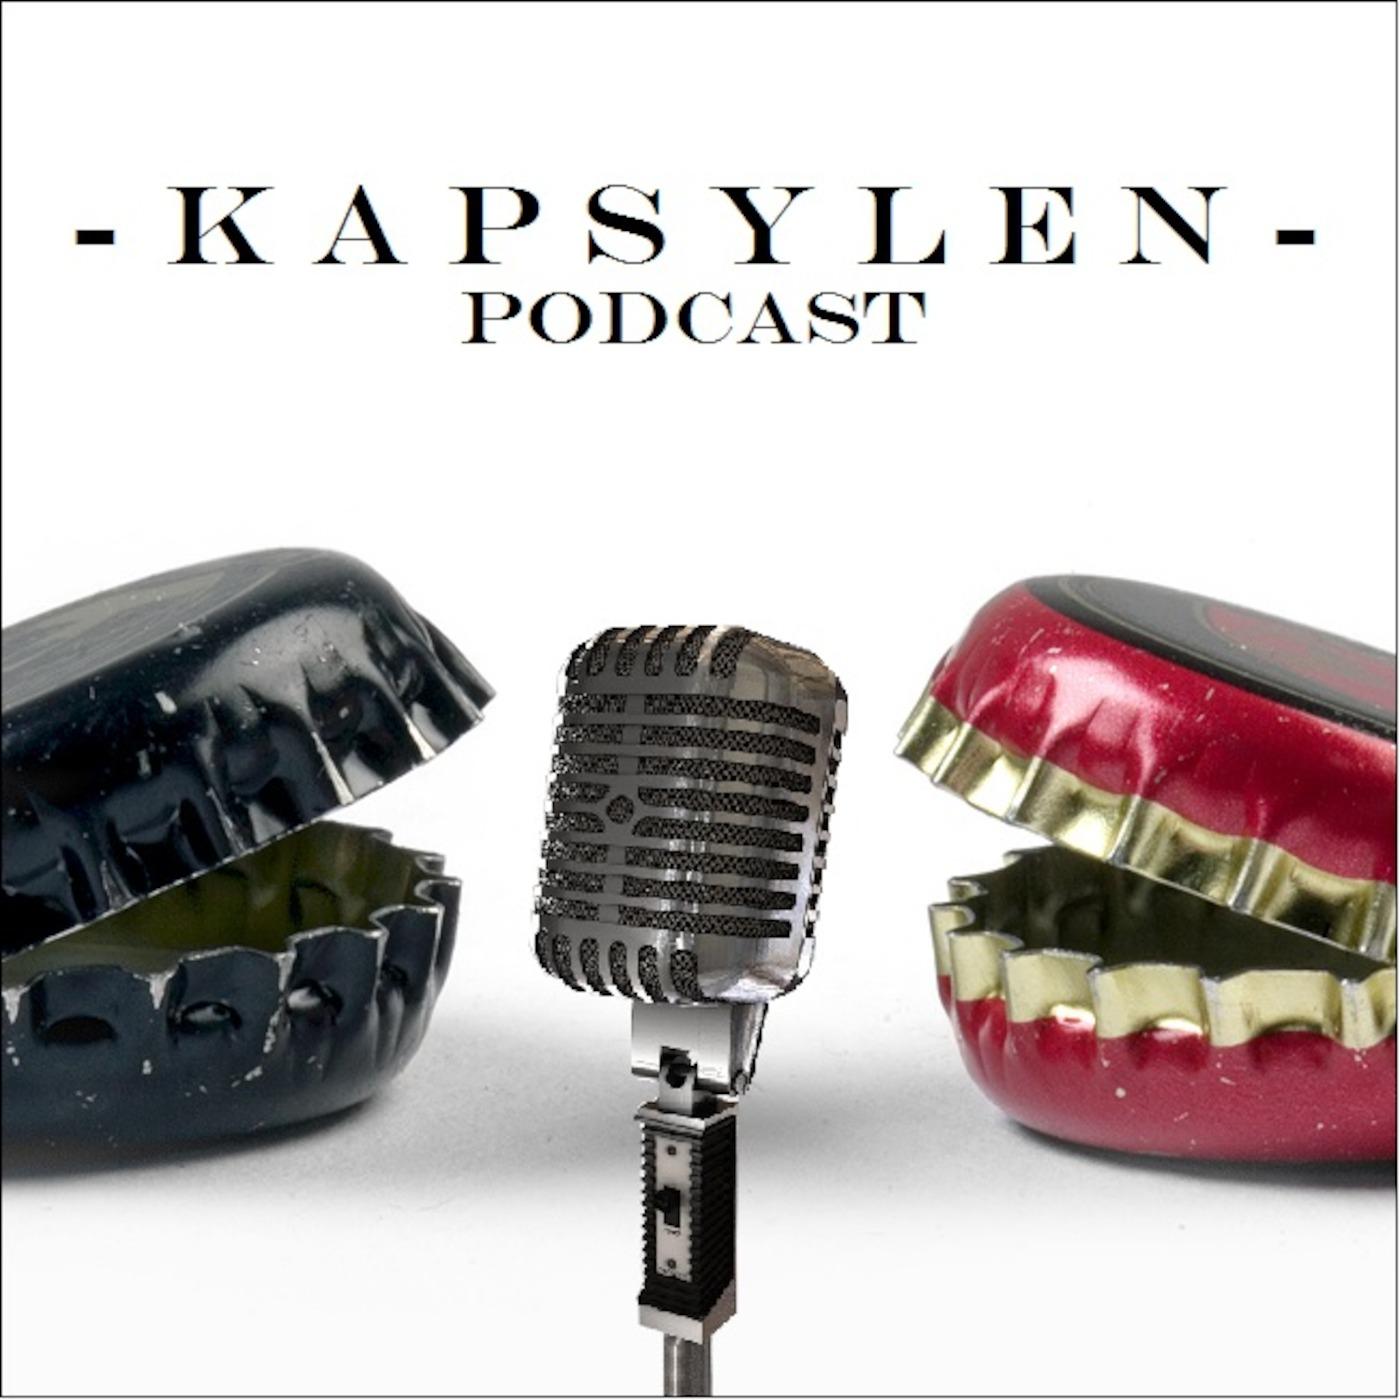 kapsylenpodcast